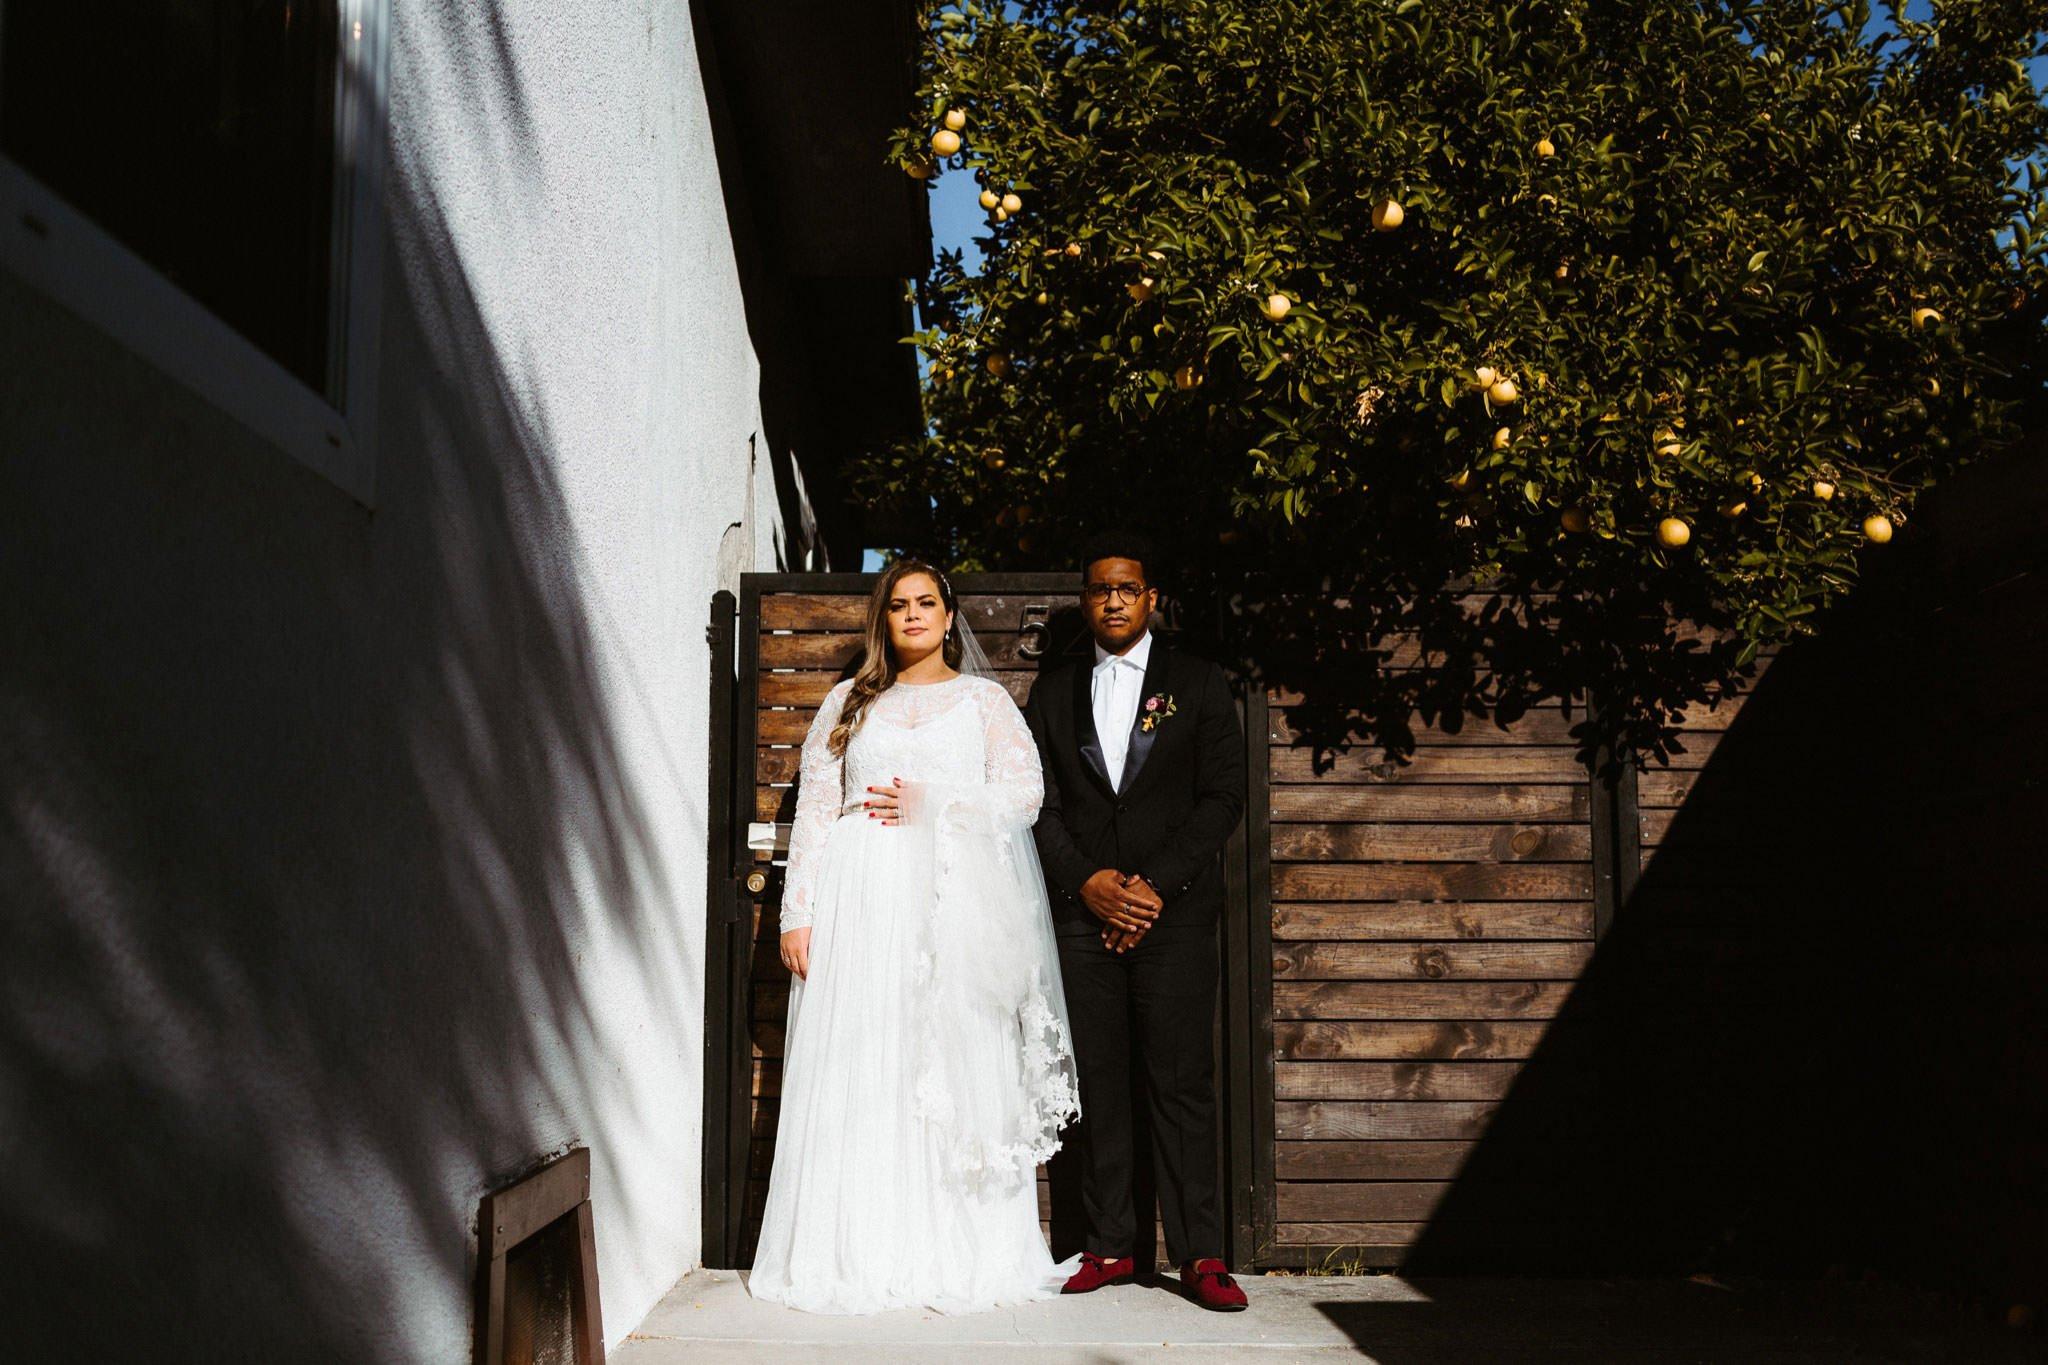 la elopement photos 077